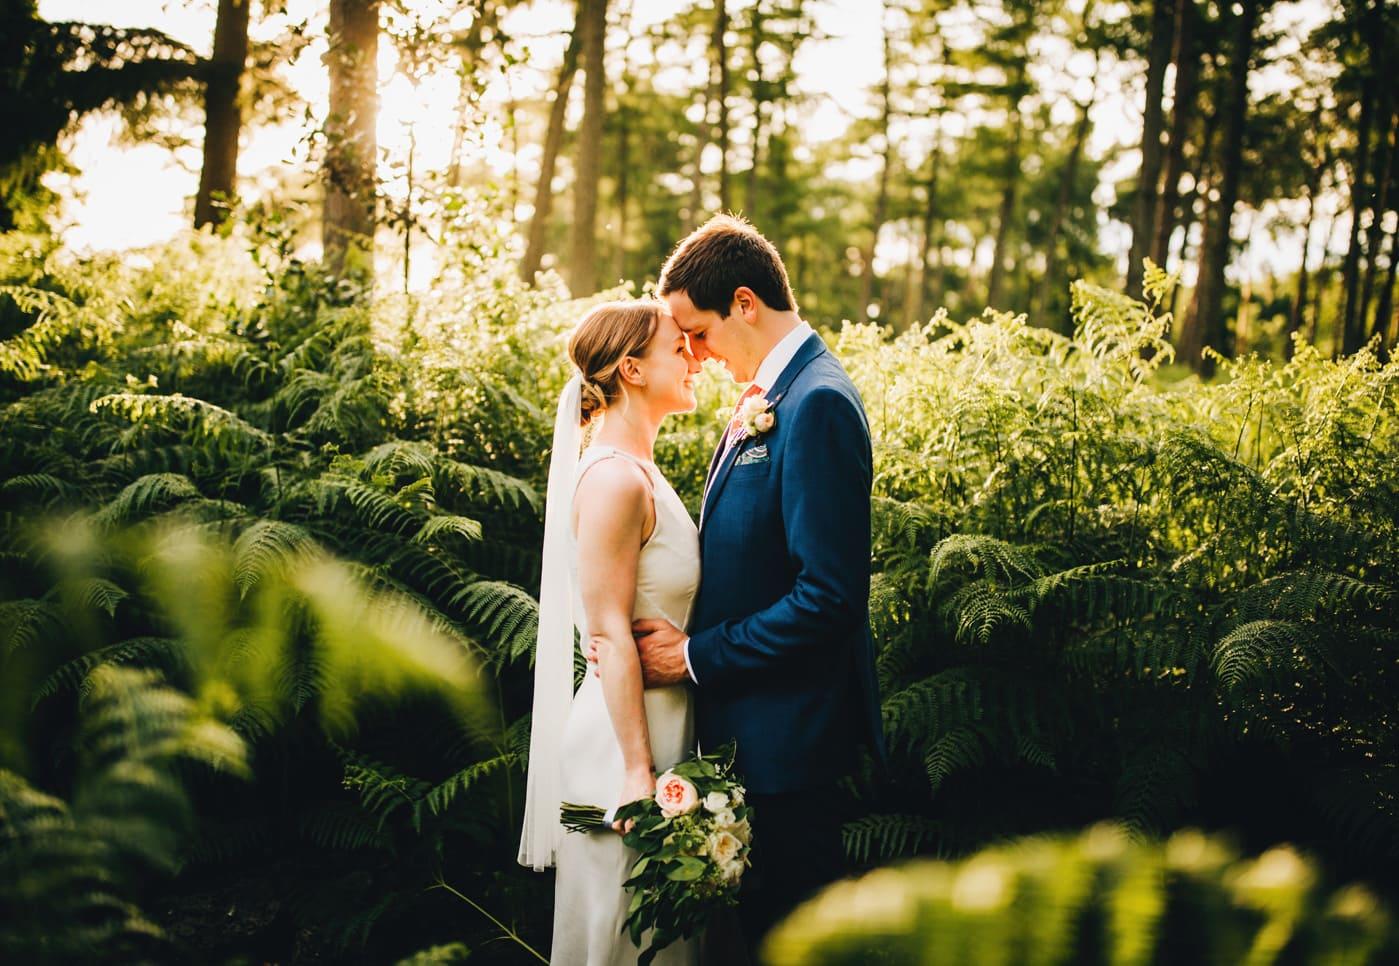 gorgeous sunset images at Abbeywood Estate Wedding venue